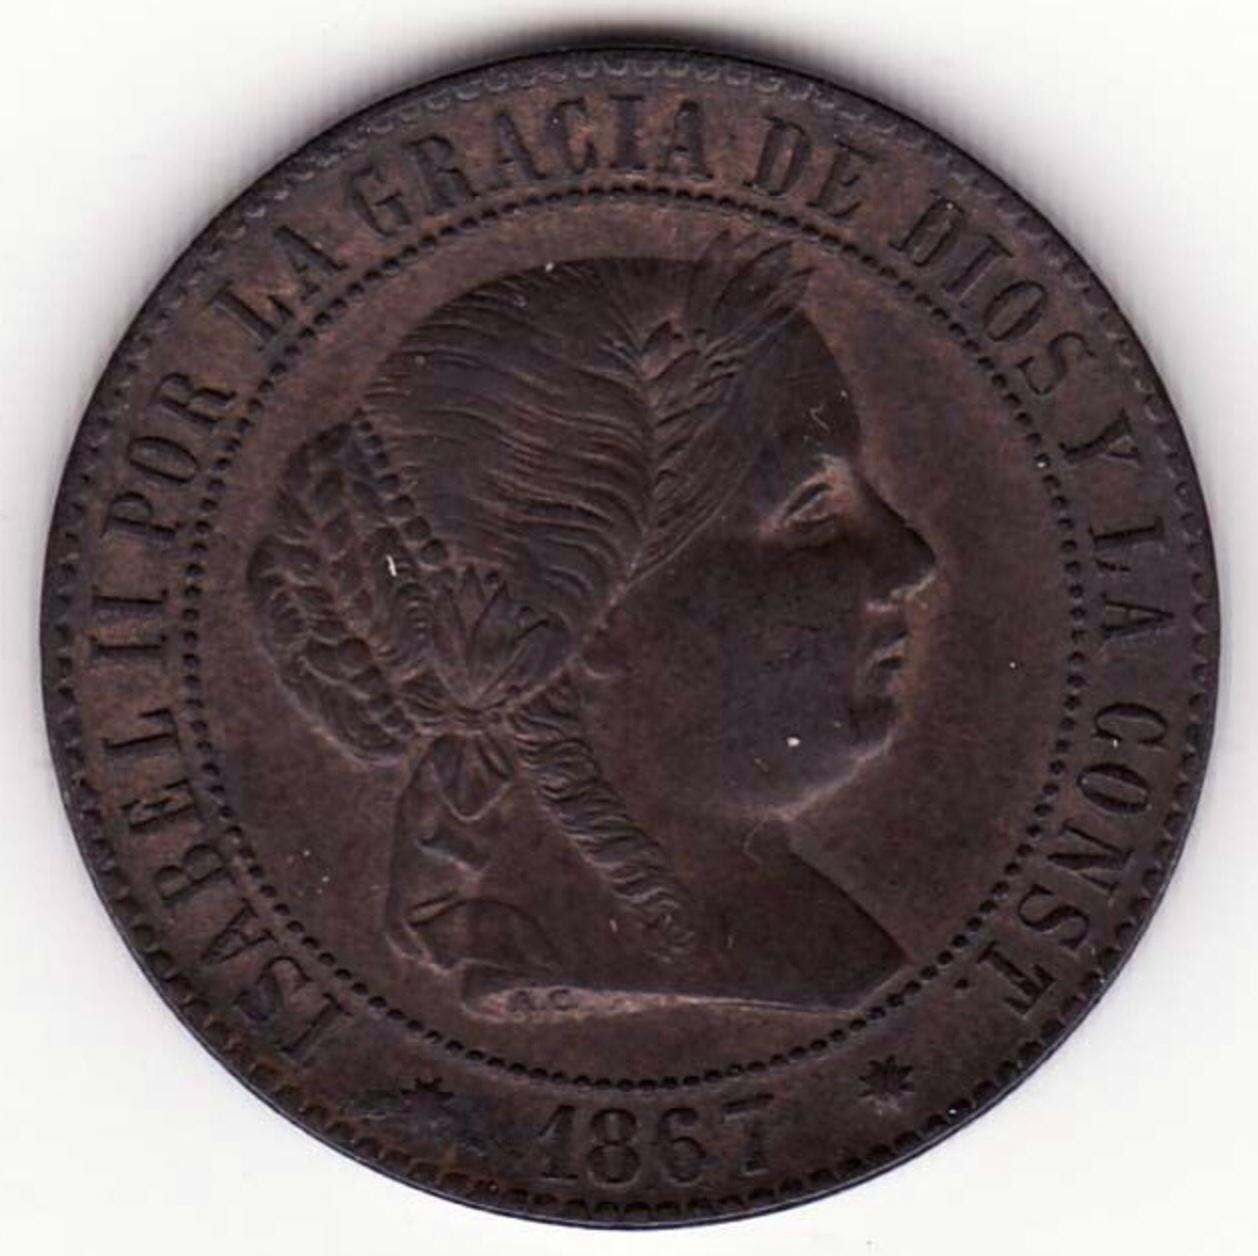 2 1/2 Céntimos de escudo 1867. Isabel II. Barcelona. Dedicada a Javi. Image